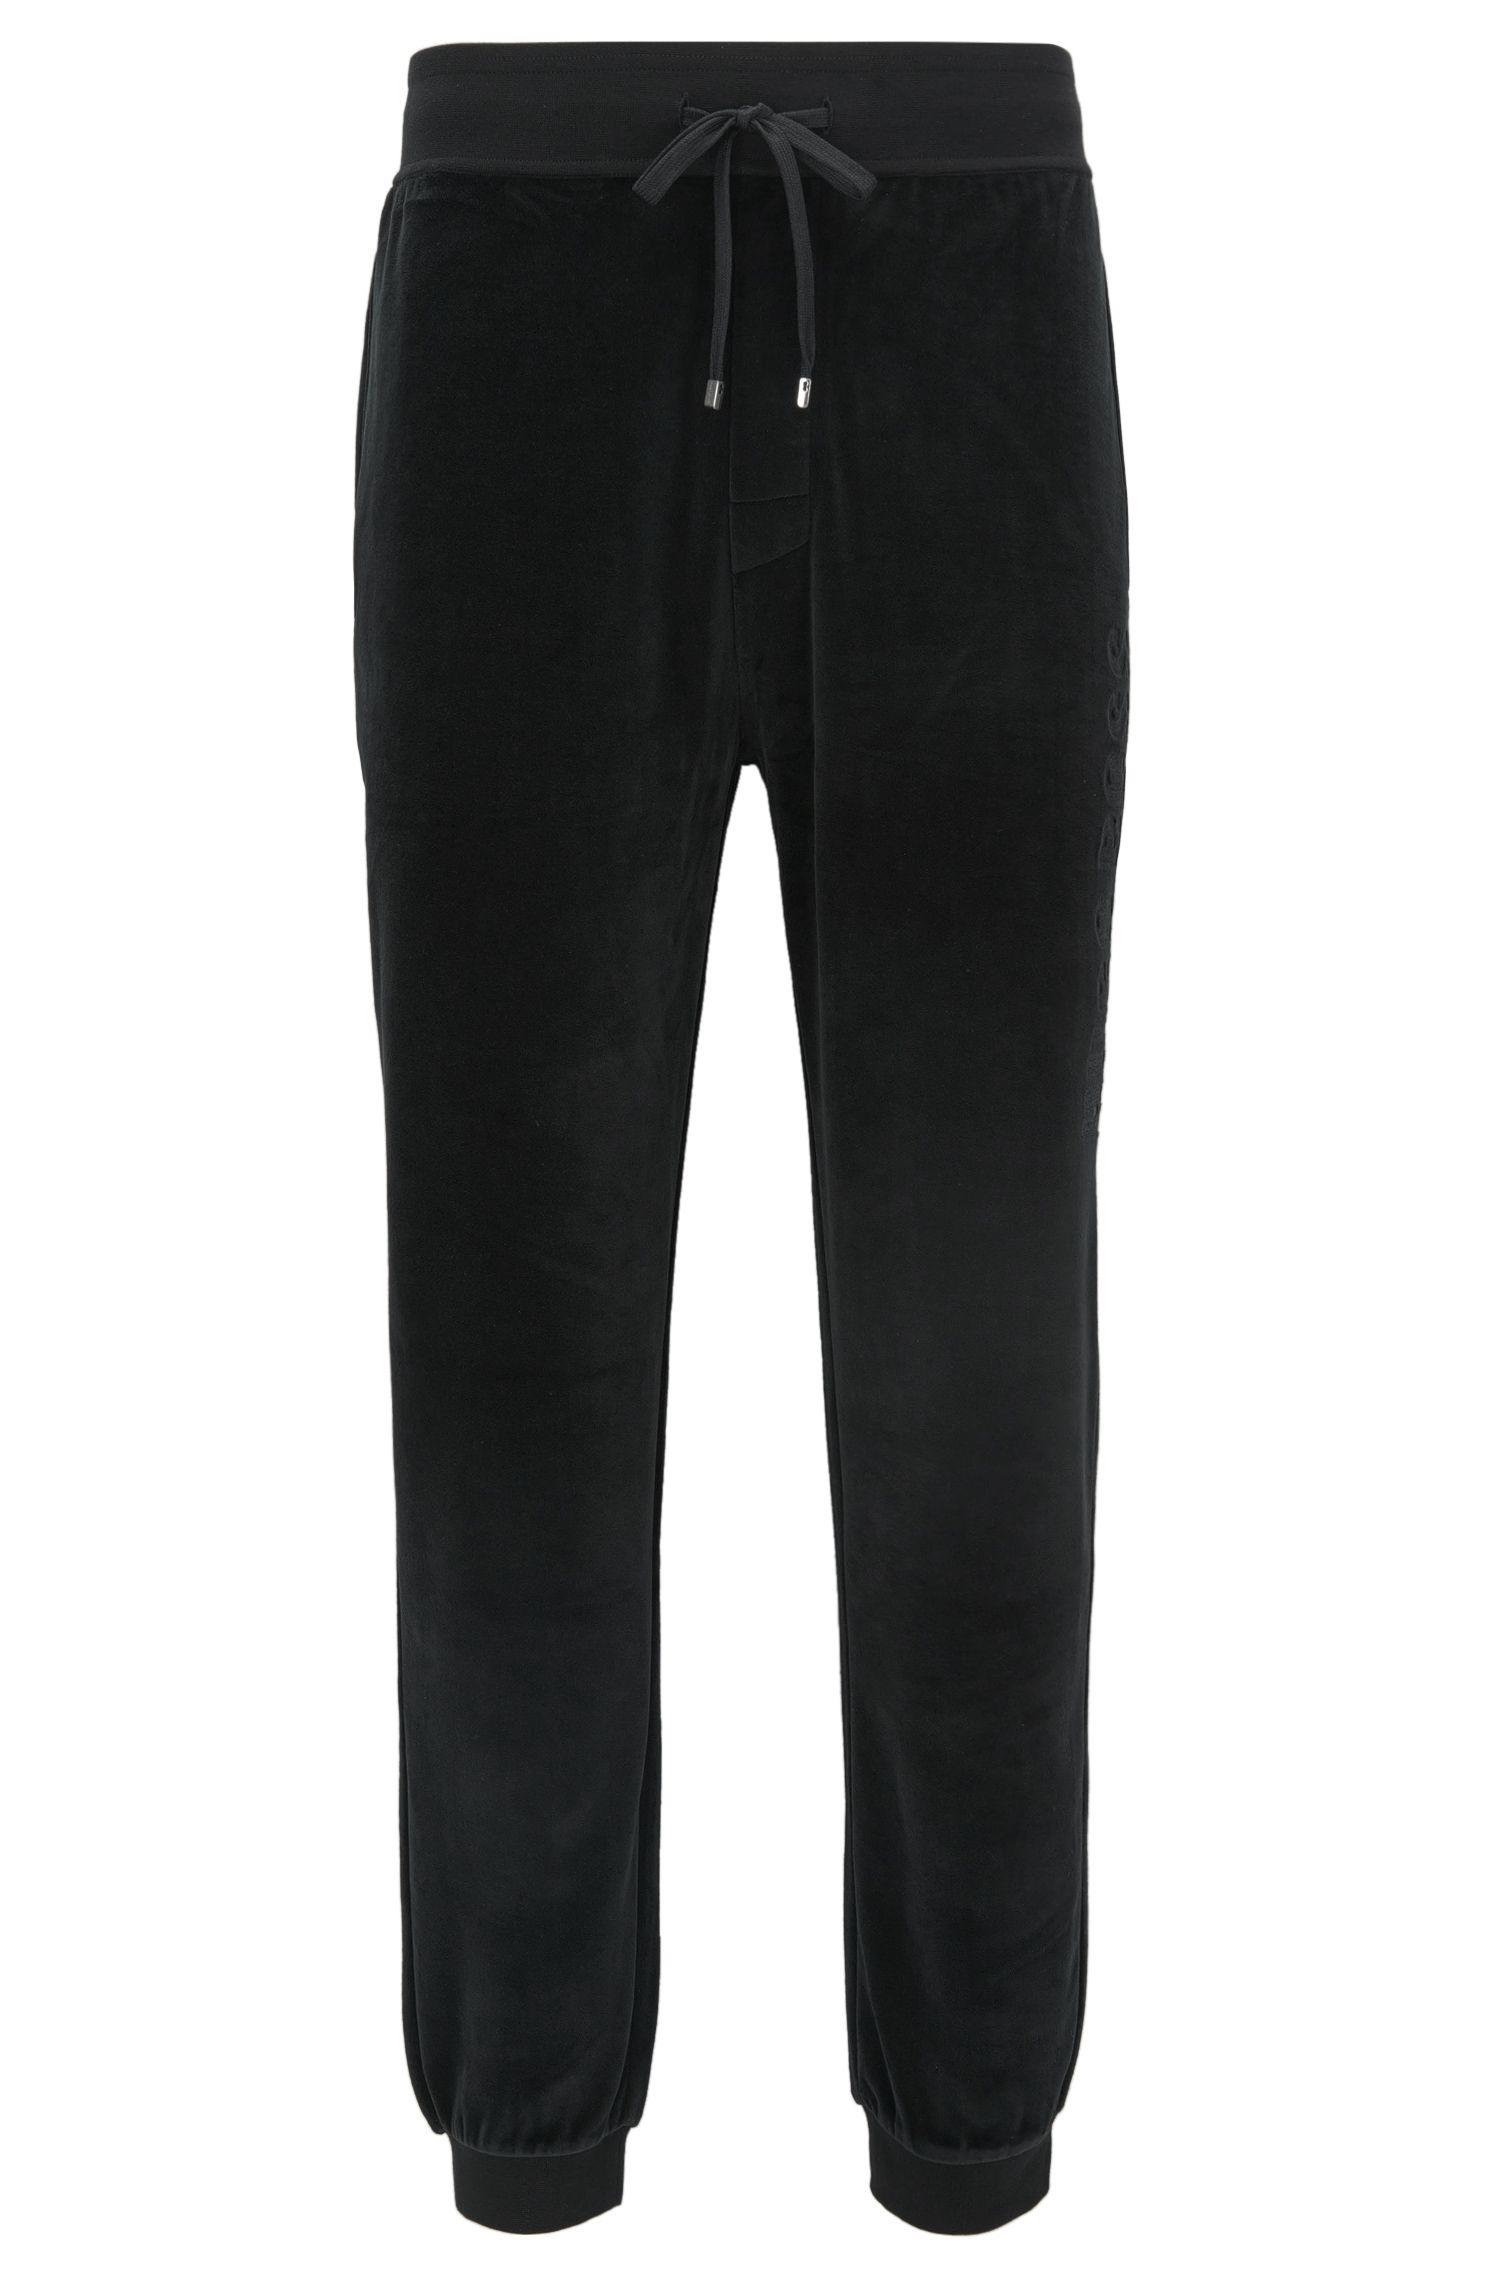 Hose aus Velours mit Bündchen am Beinabschluss